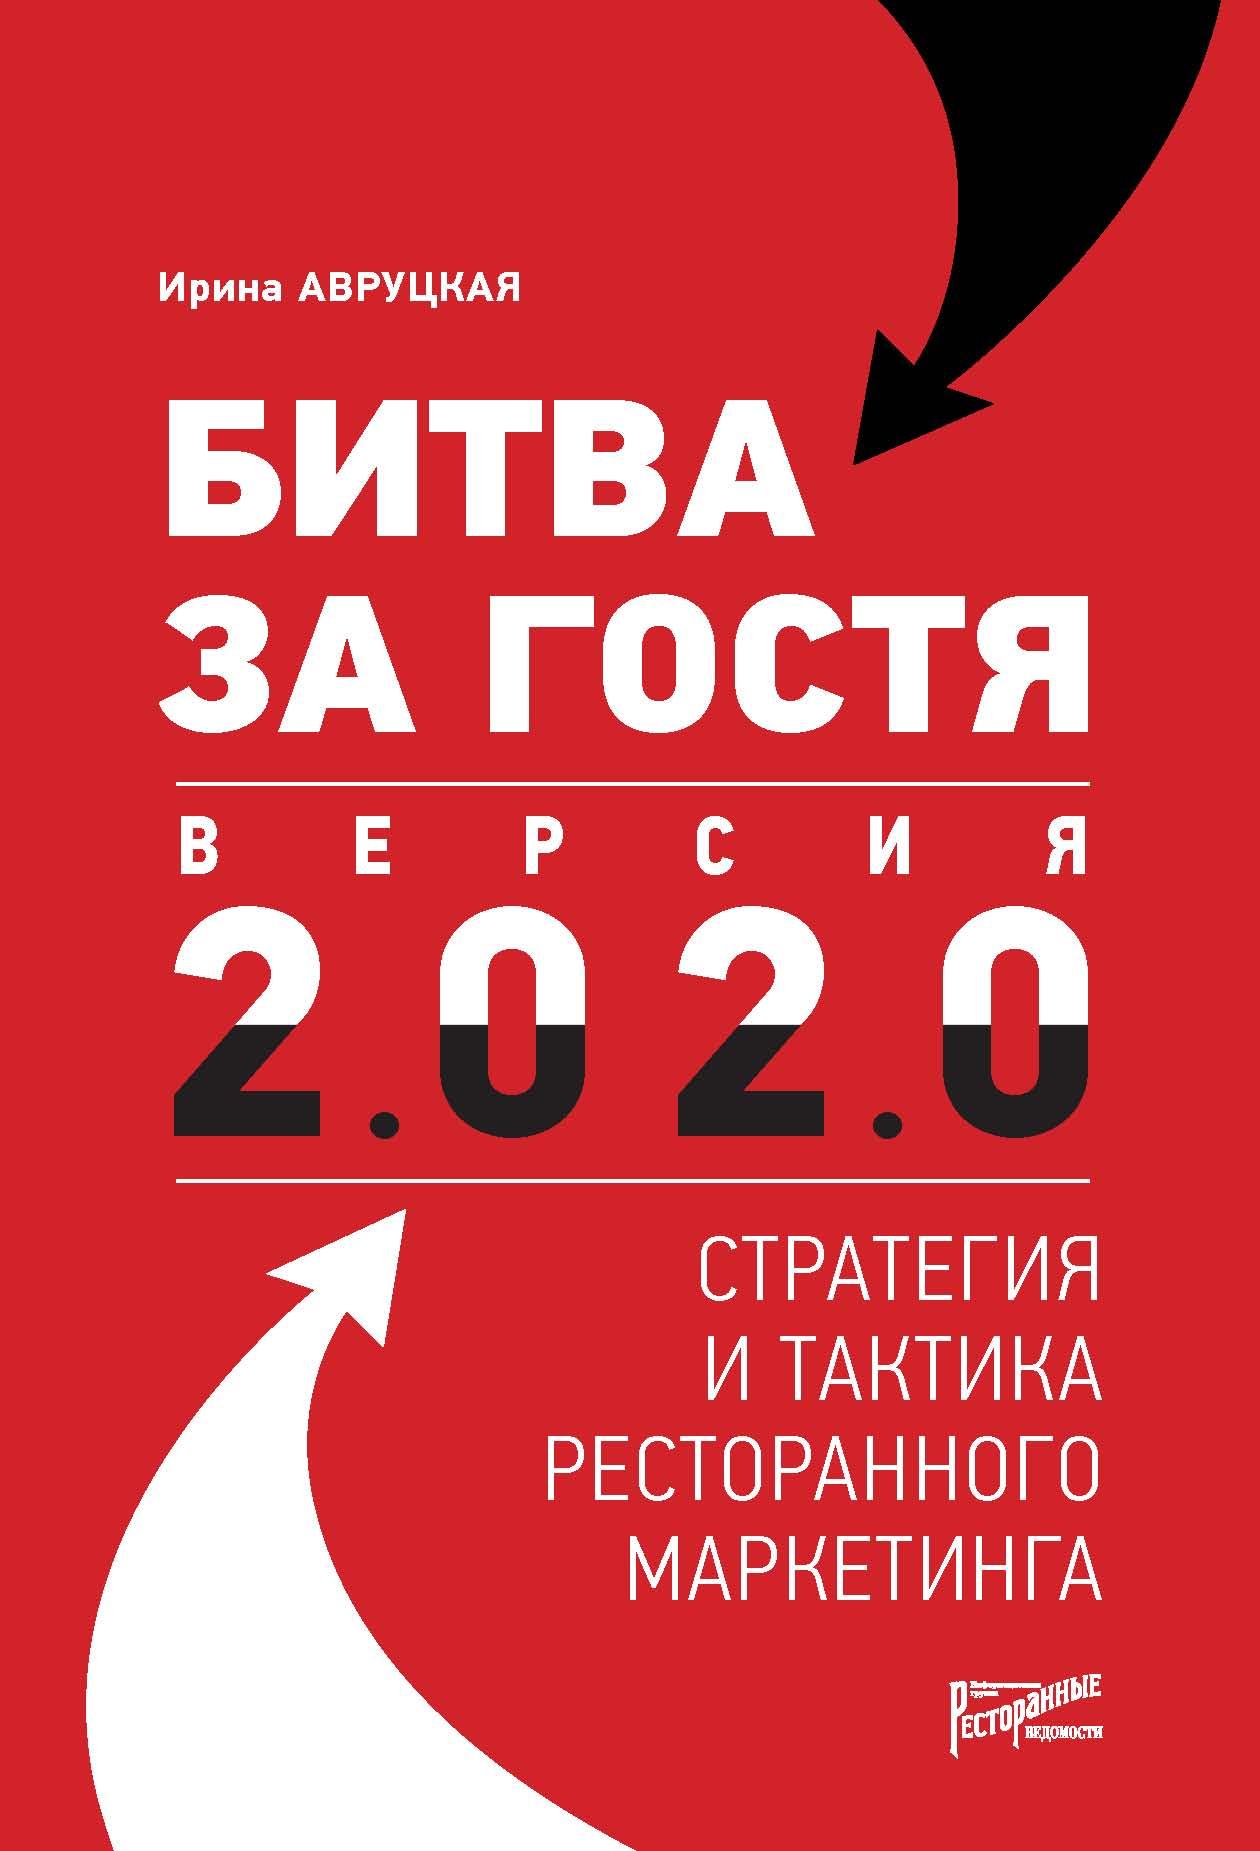 Ирина Авруцкая Битва за гостя. Версия 2.0 2.0. Стратегия и тактика ресторанного маркетинга